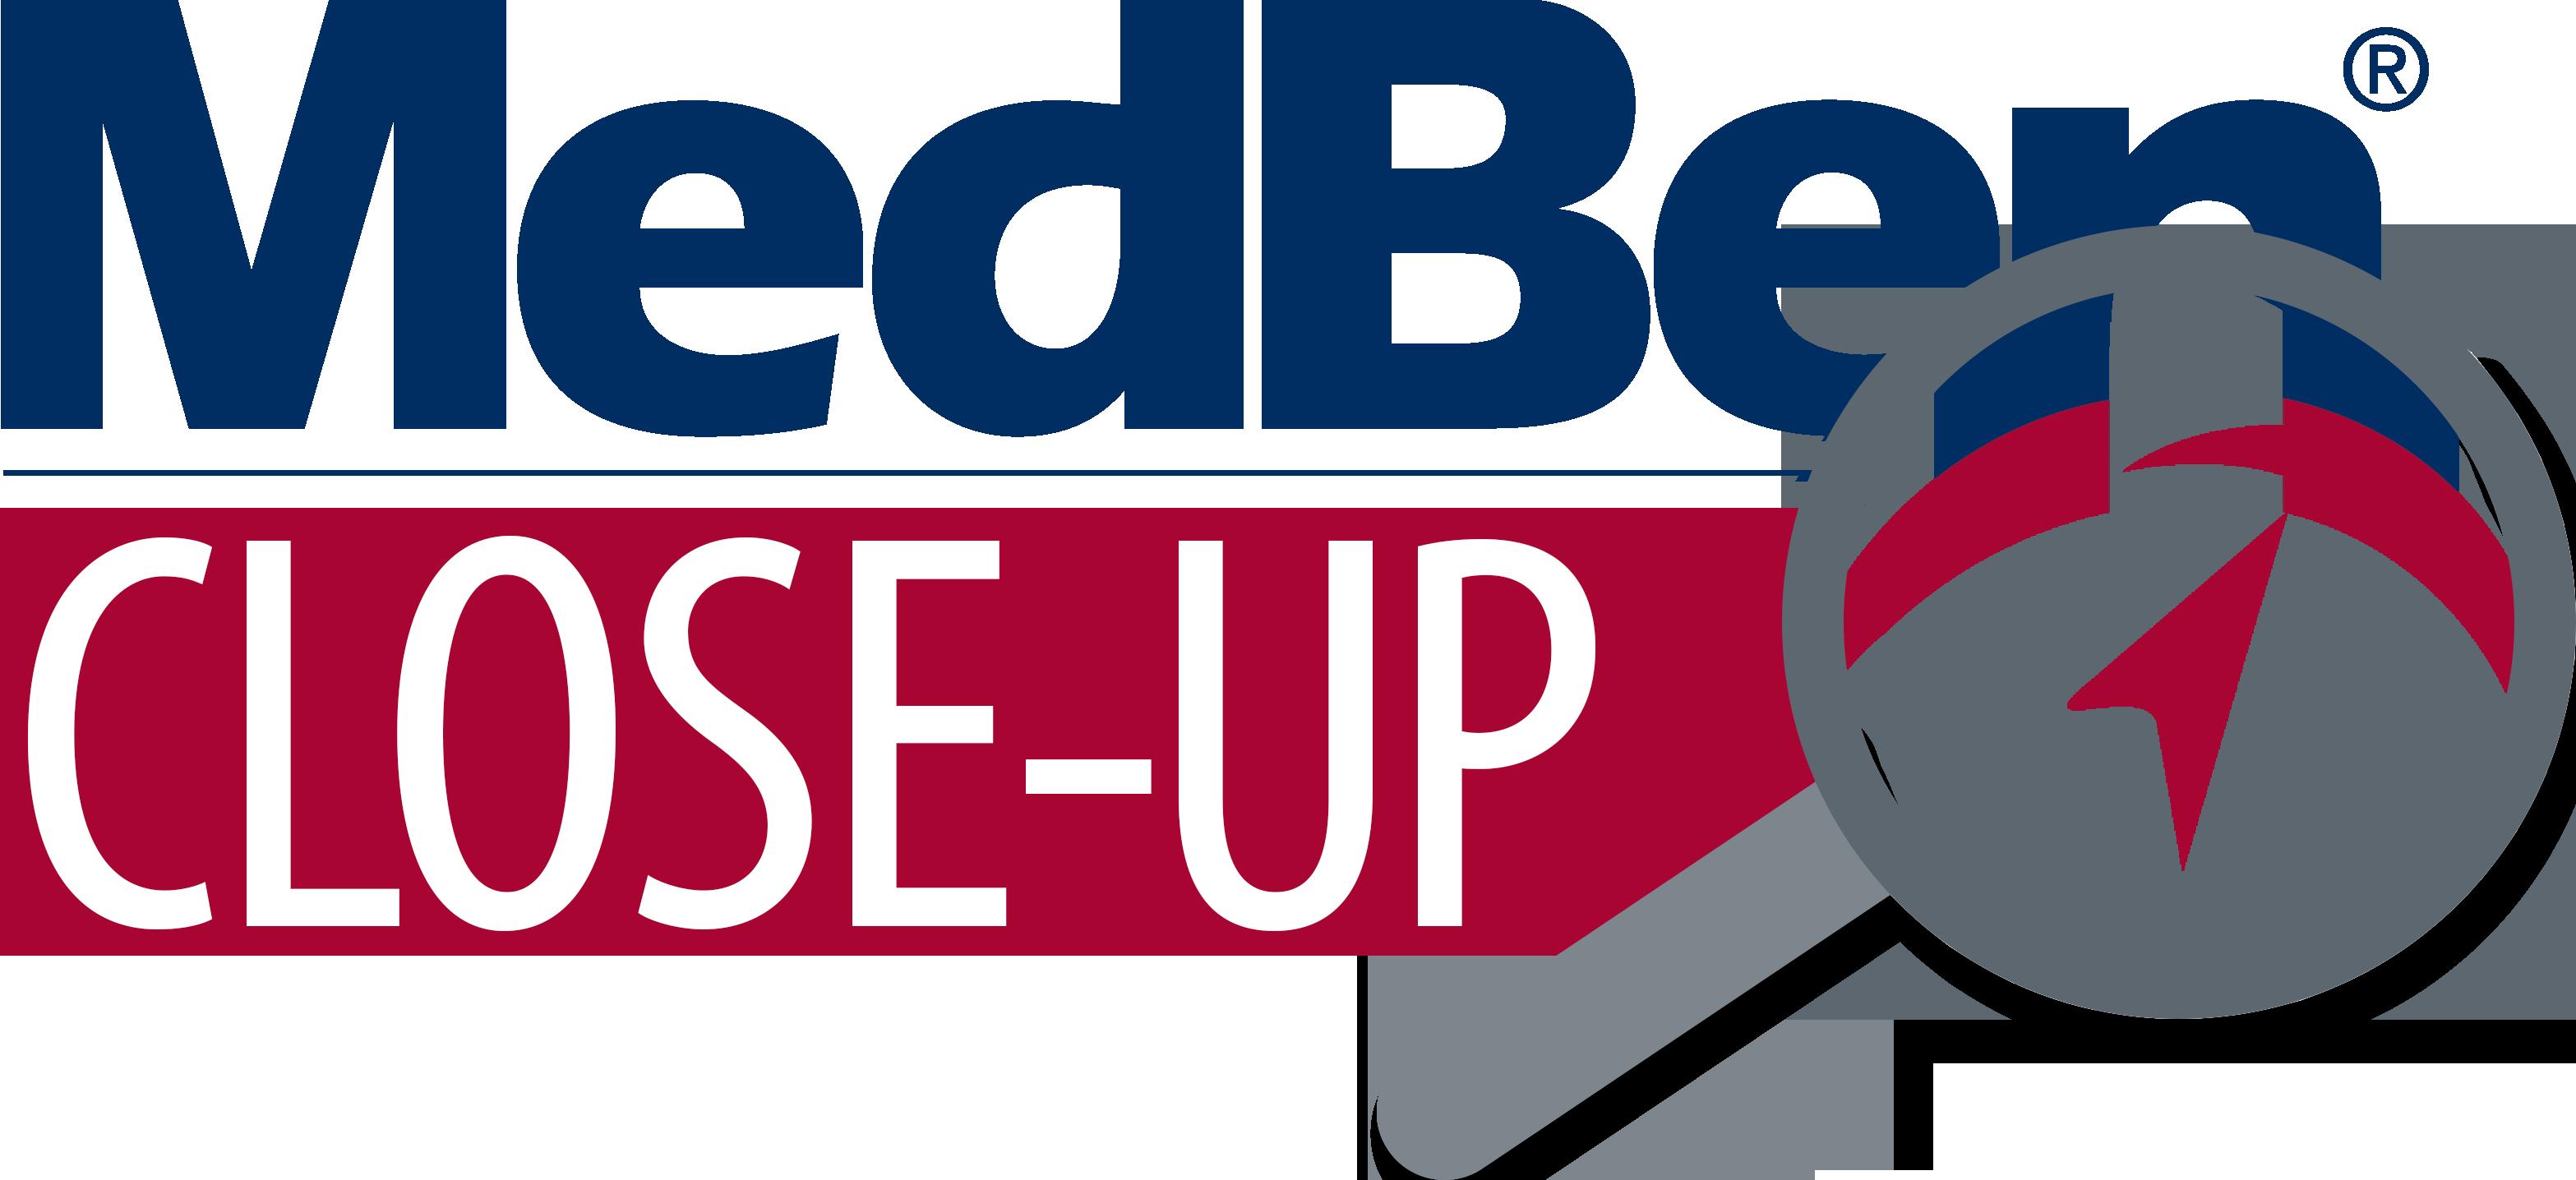 Self Funding Saves Medben Delivers Medben